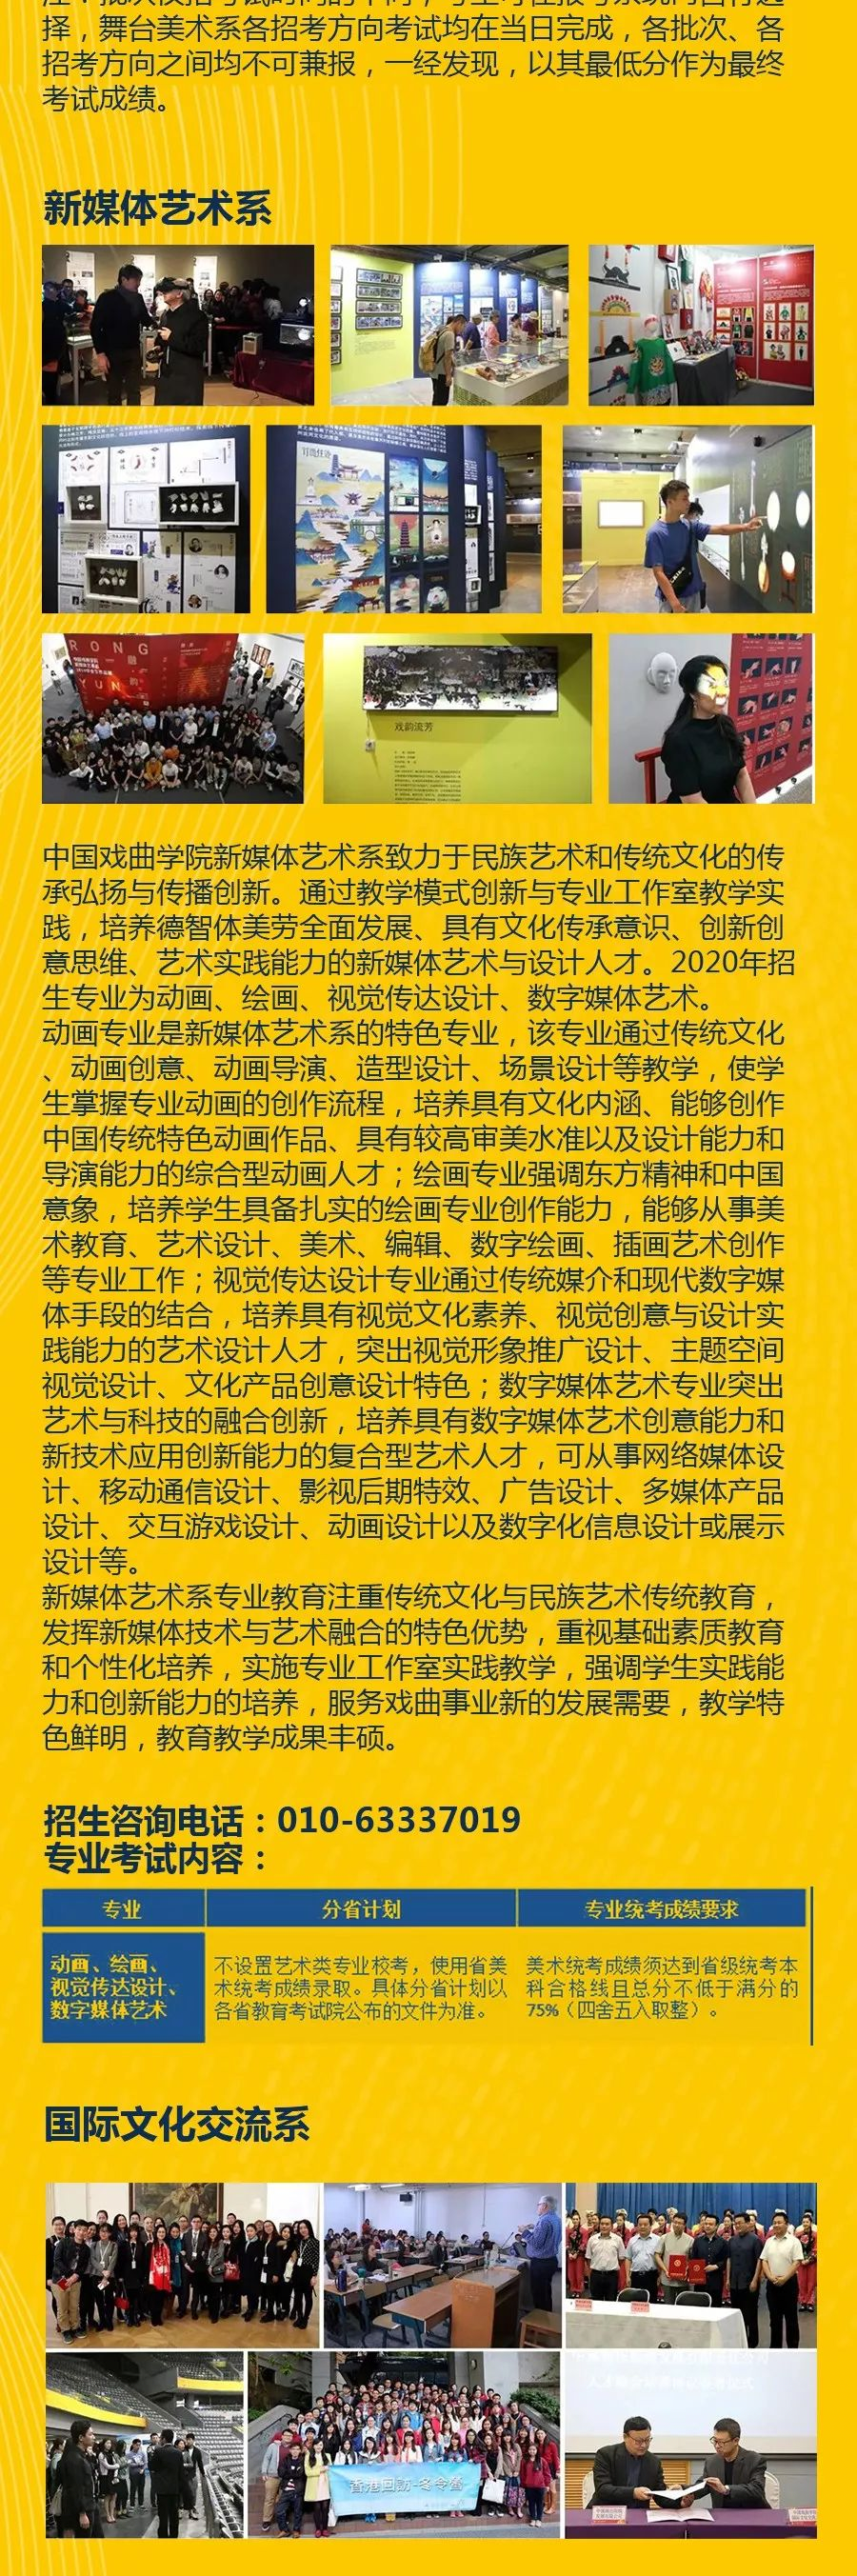 中国传媒大学,北京电影学院,中央戏剧学院,北京巅峰广艺画室       68